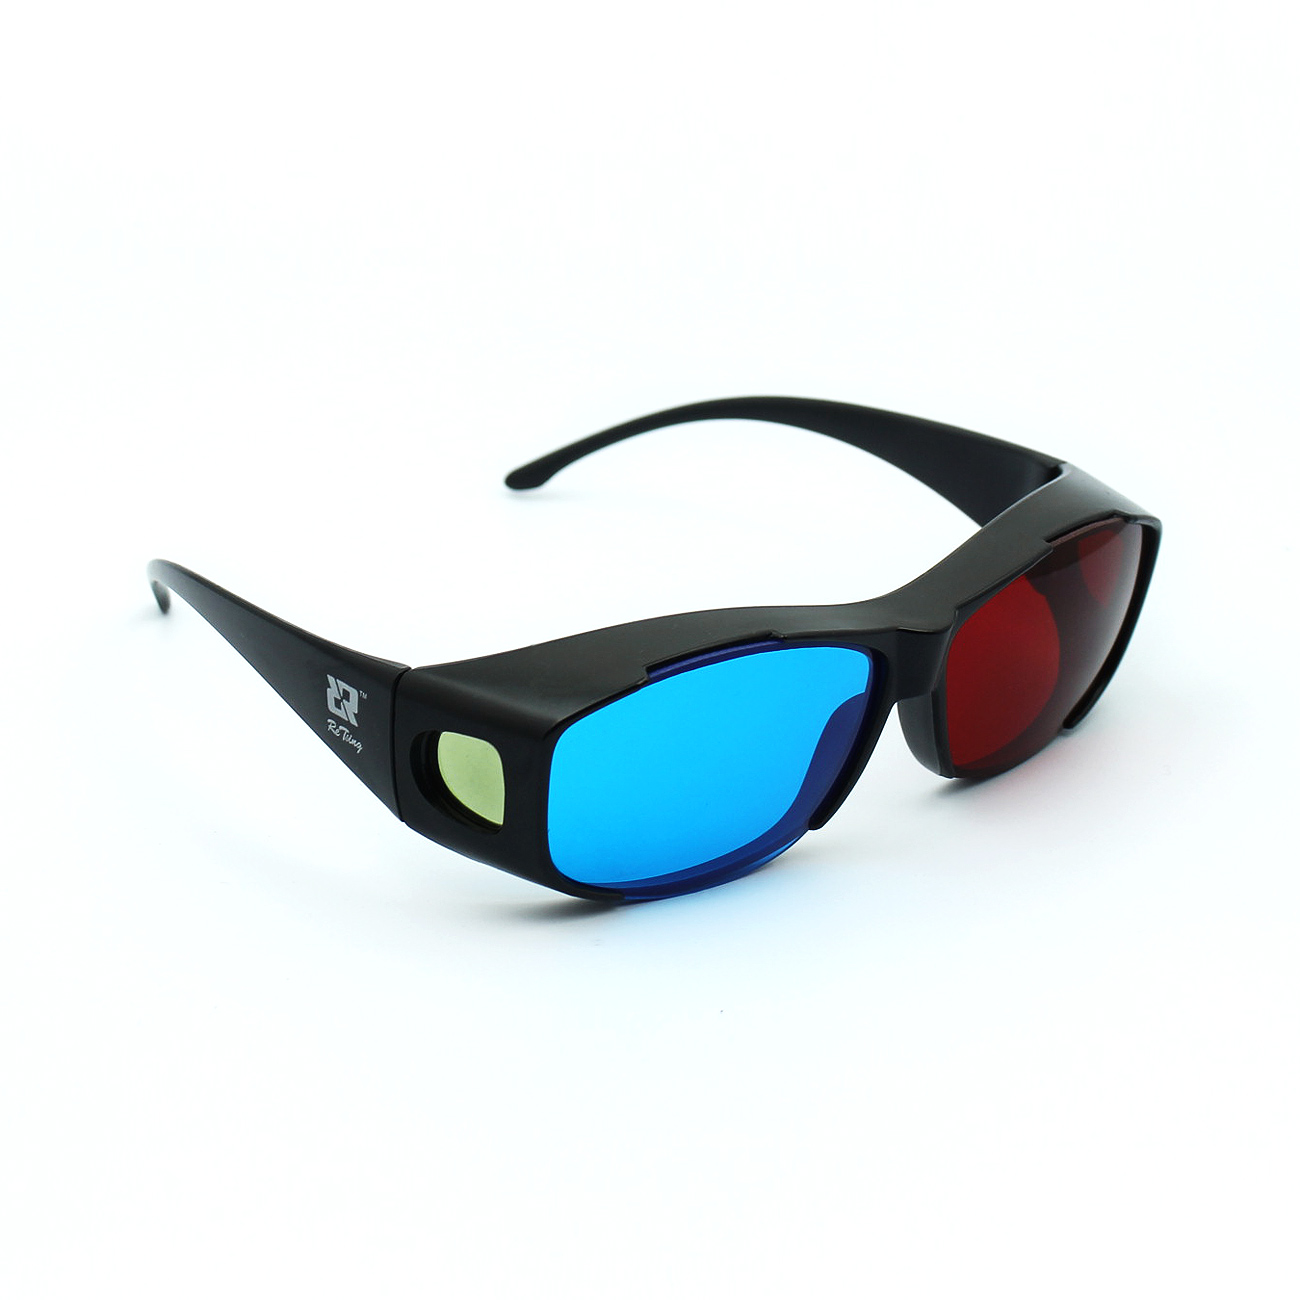 正品3D眼镜 暴风影音红蓝眼镜电脑专用3d立体眼镜三D眼睛近视通用